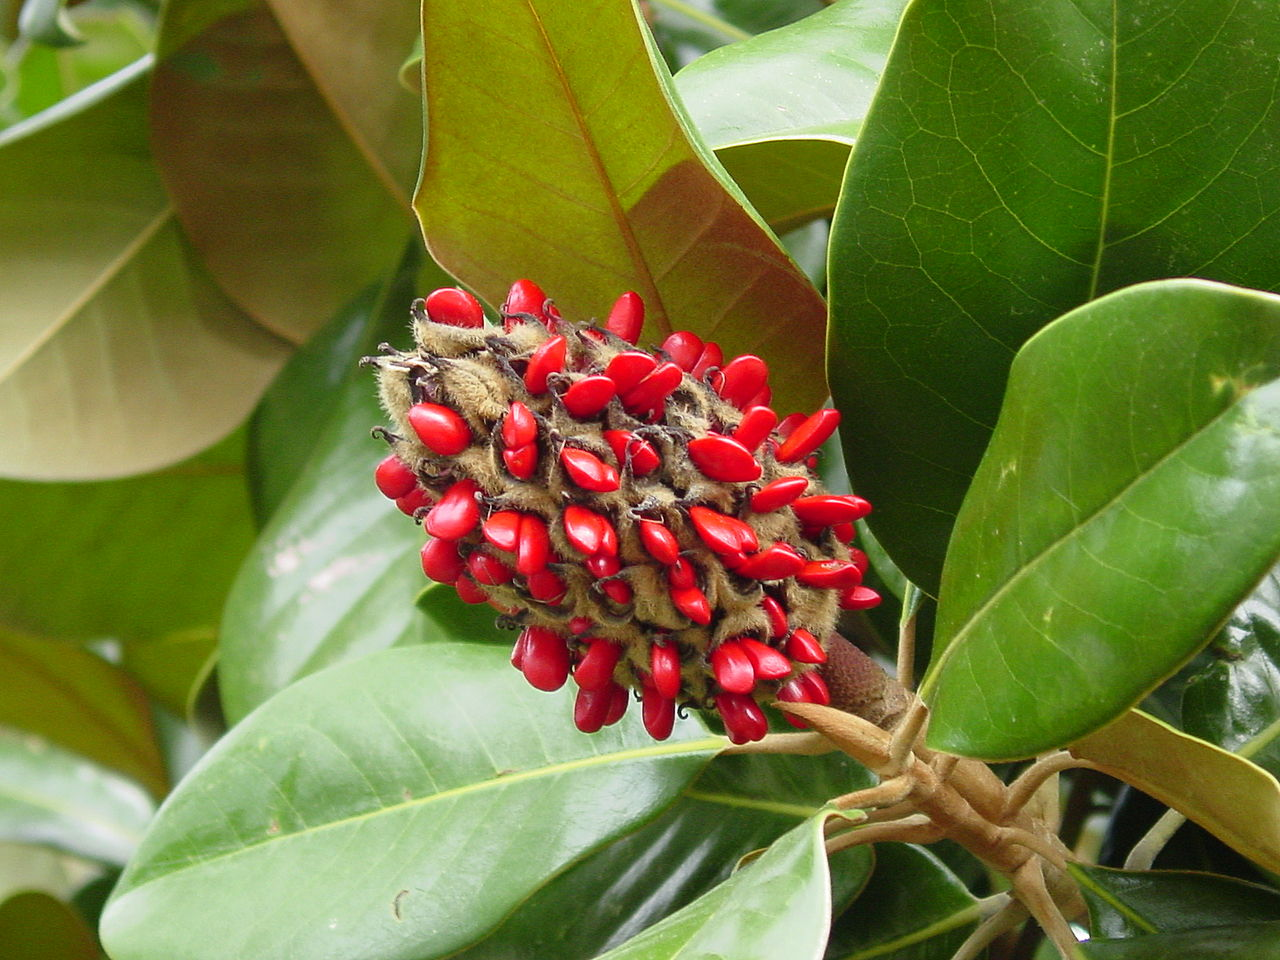 fruto com sementes vermelhas